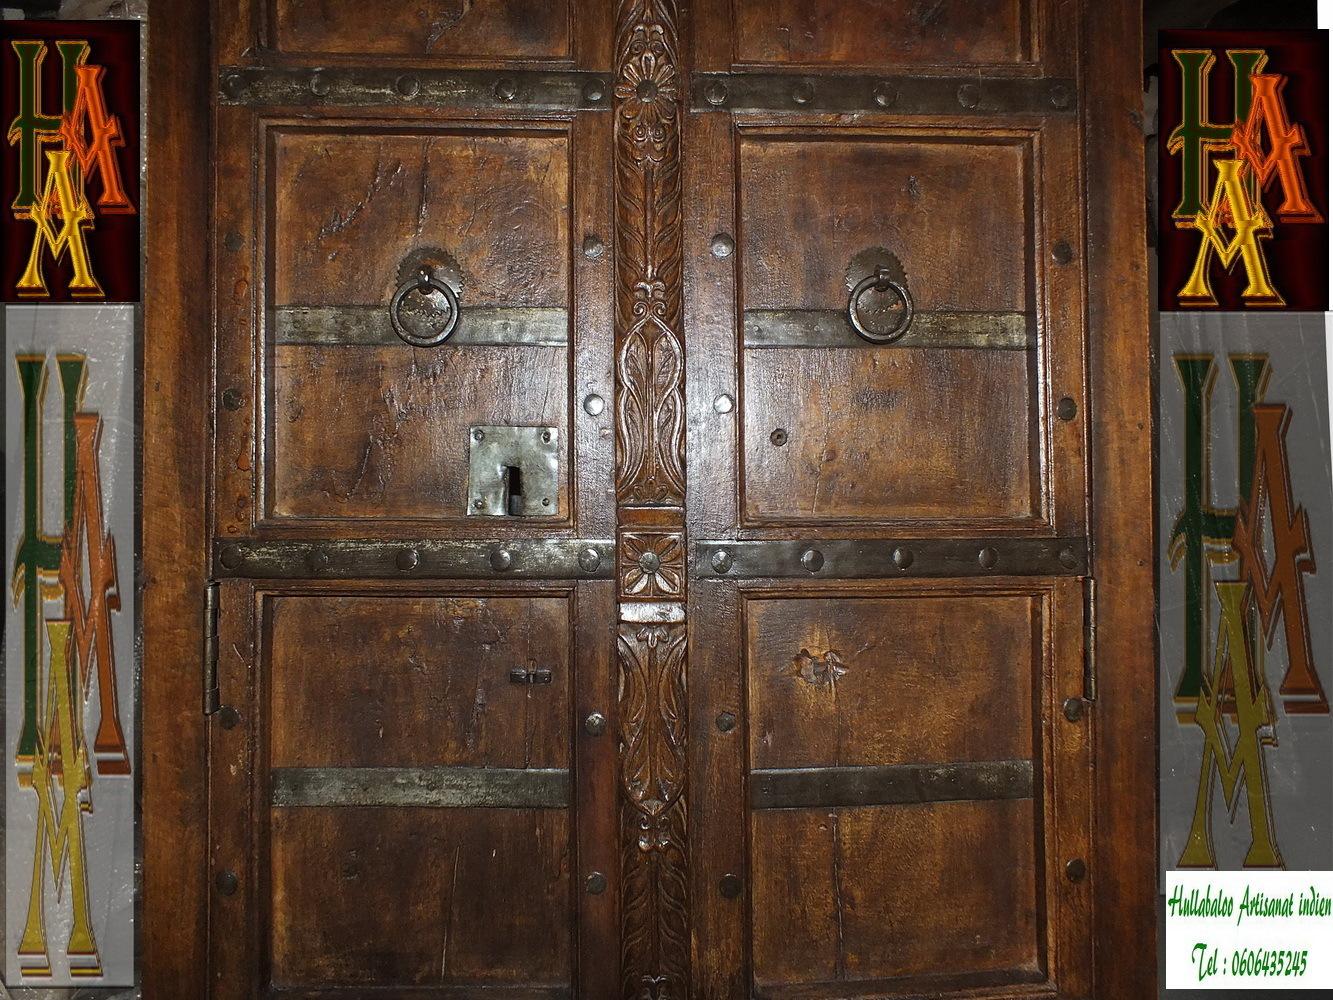 Armoire vieilles portes jn7 la704 meubles indiens porte for Meubles indiens anciens